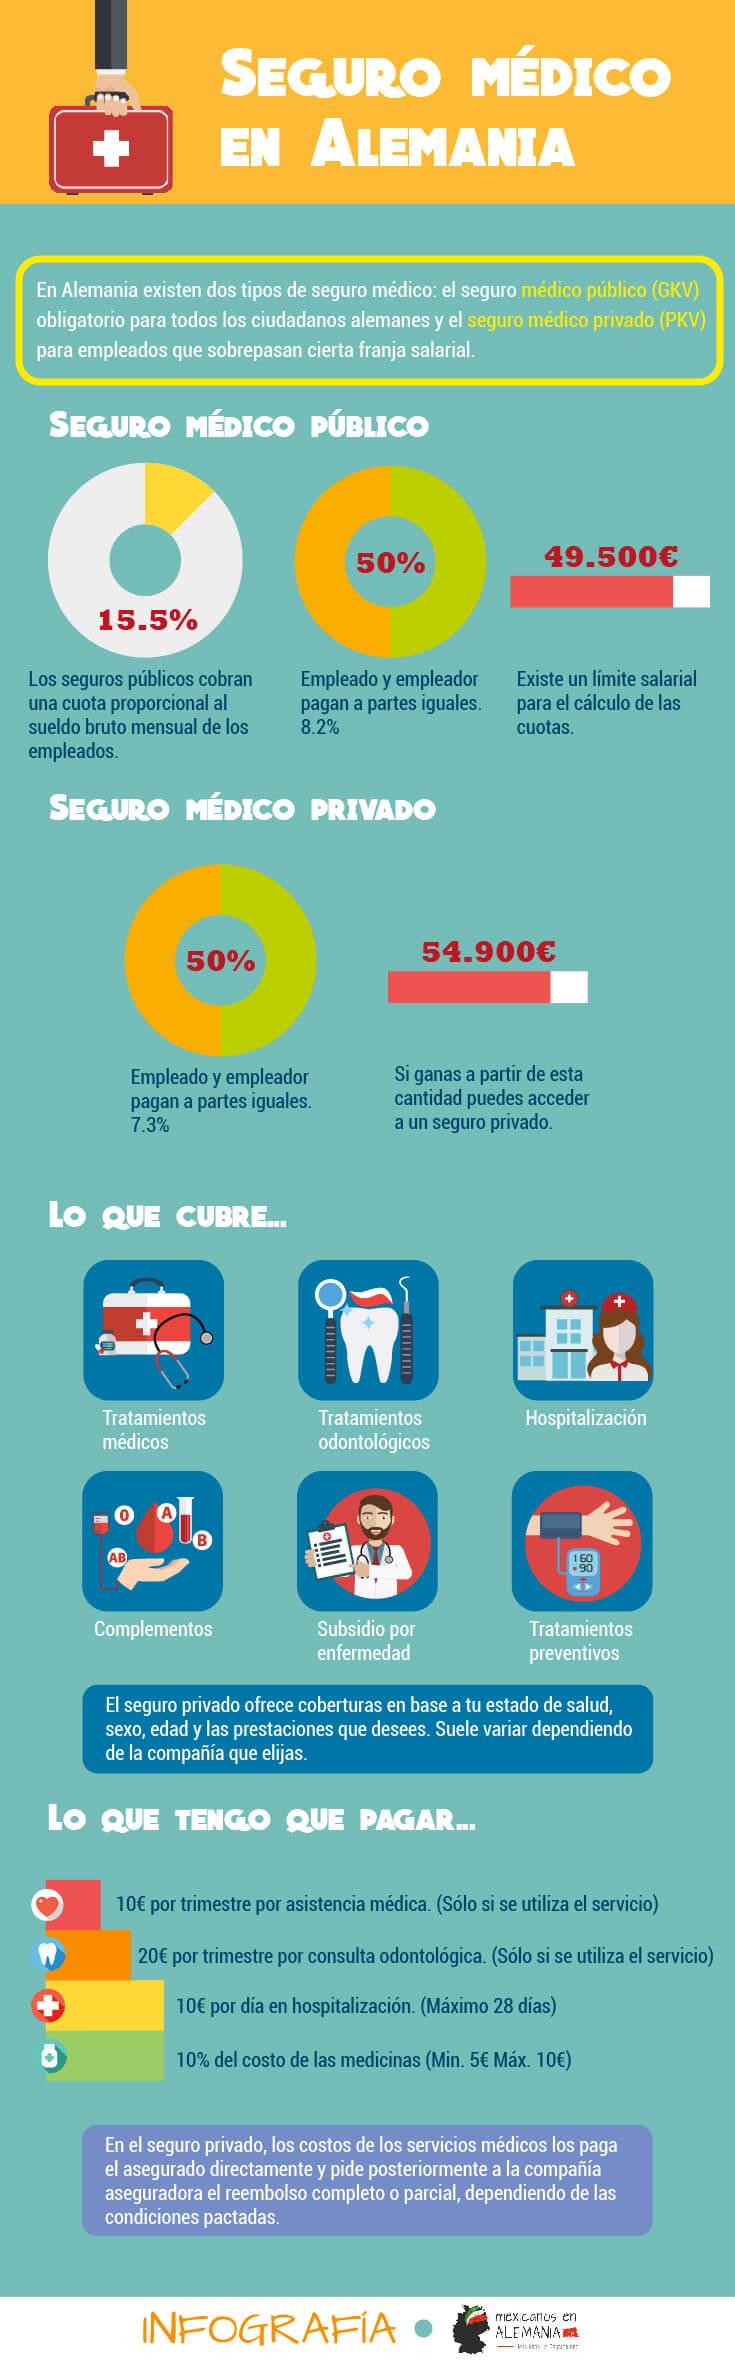 seguro médico en Alemania - infografía